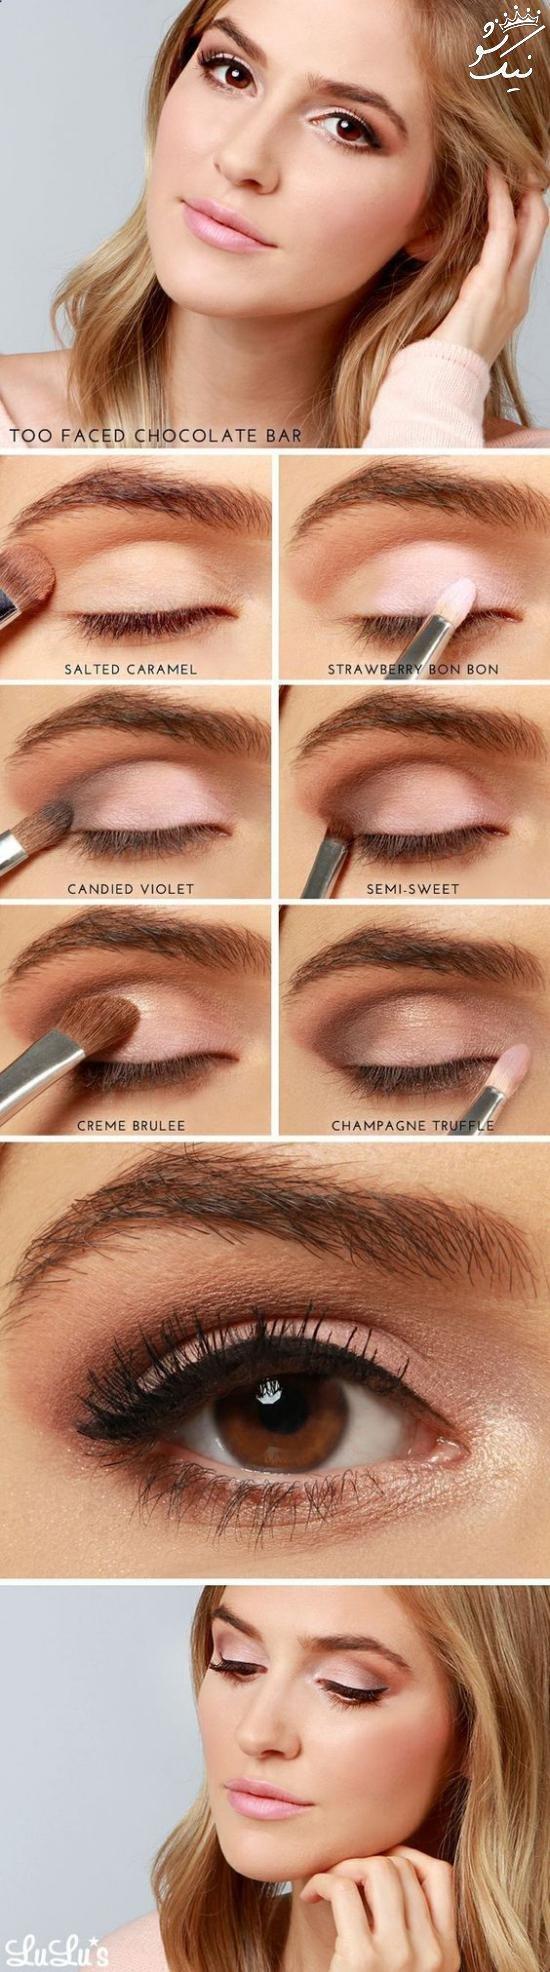 آموزش کشیدن سایه چشم